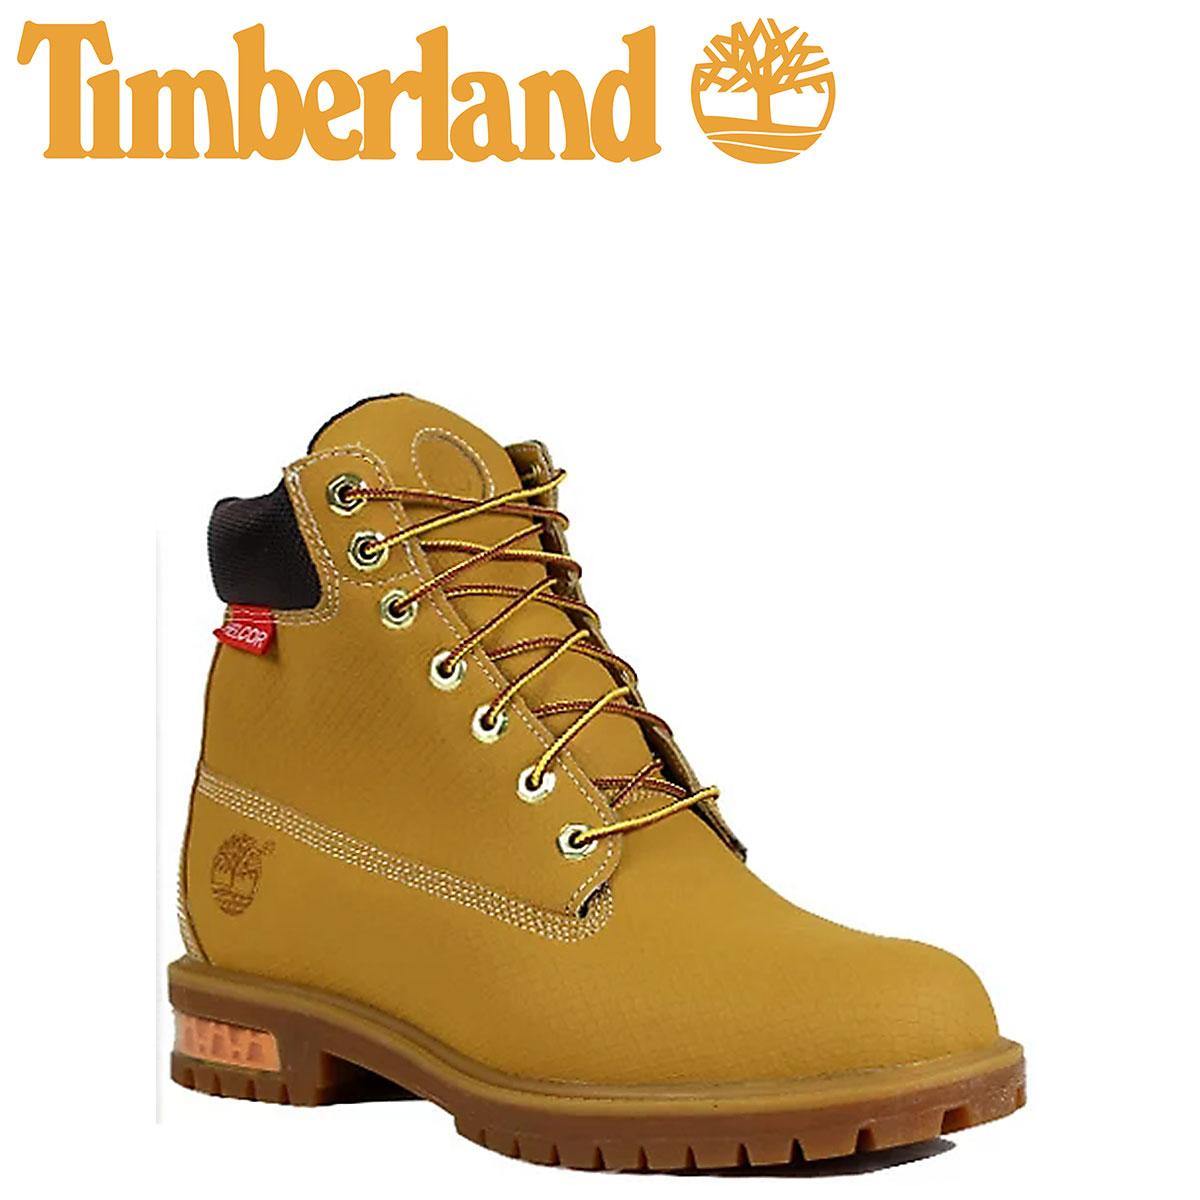 Timberland ティンバーランド 6inch Premium Helcor Boot ブーツ 6インチ プレミアム ヘルコ ブーツ 6405R ウィート メンズ